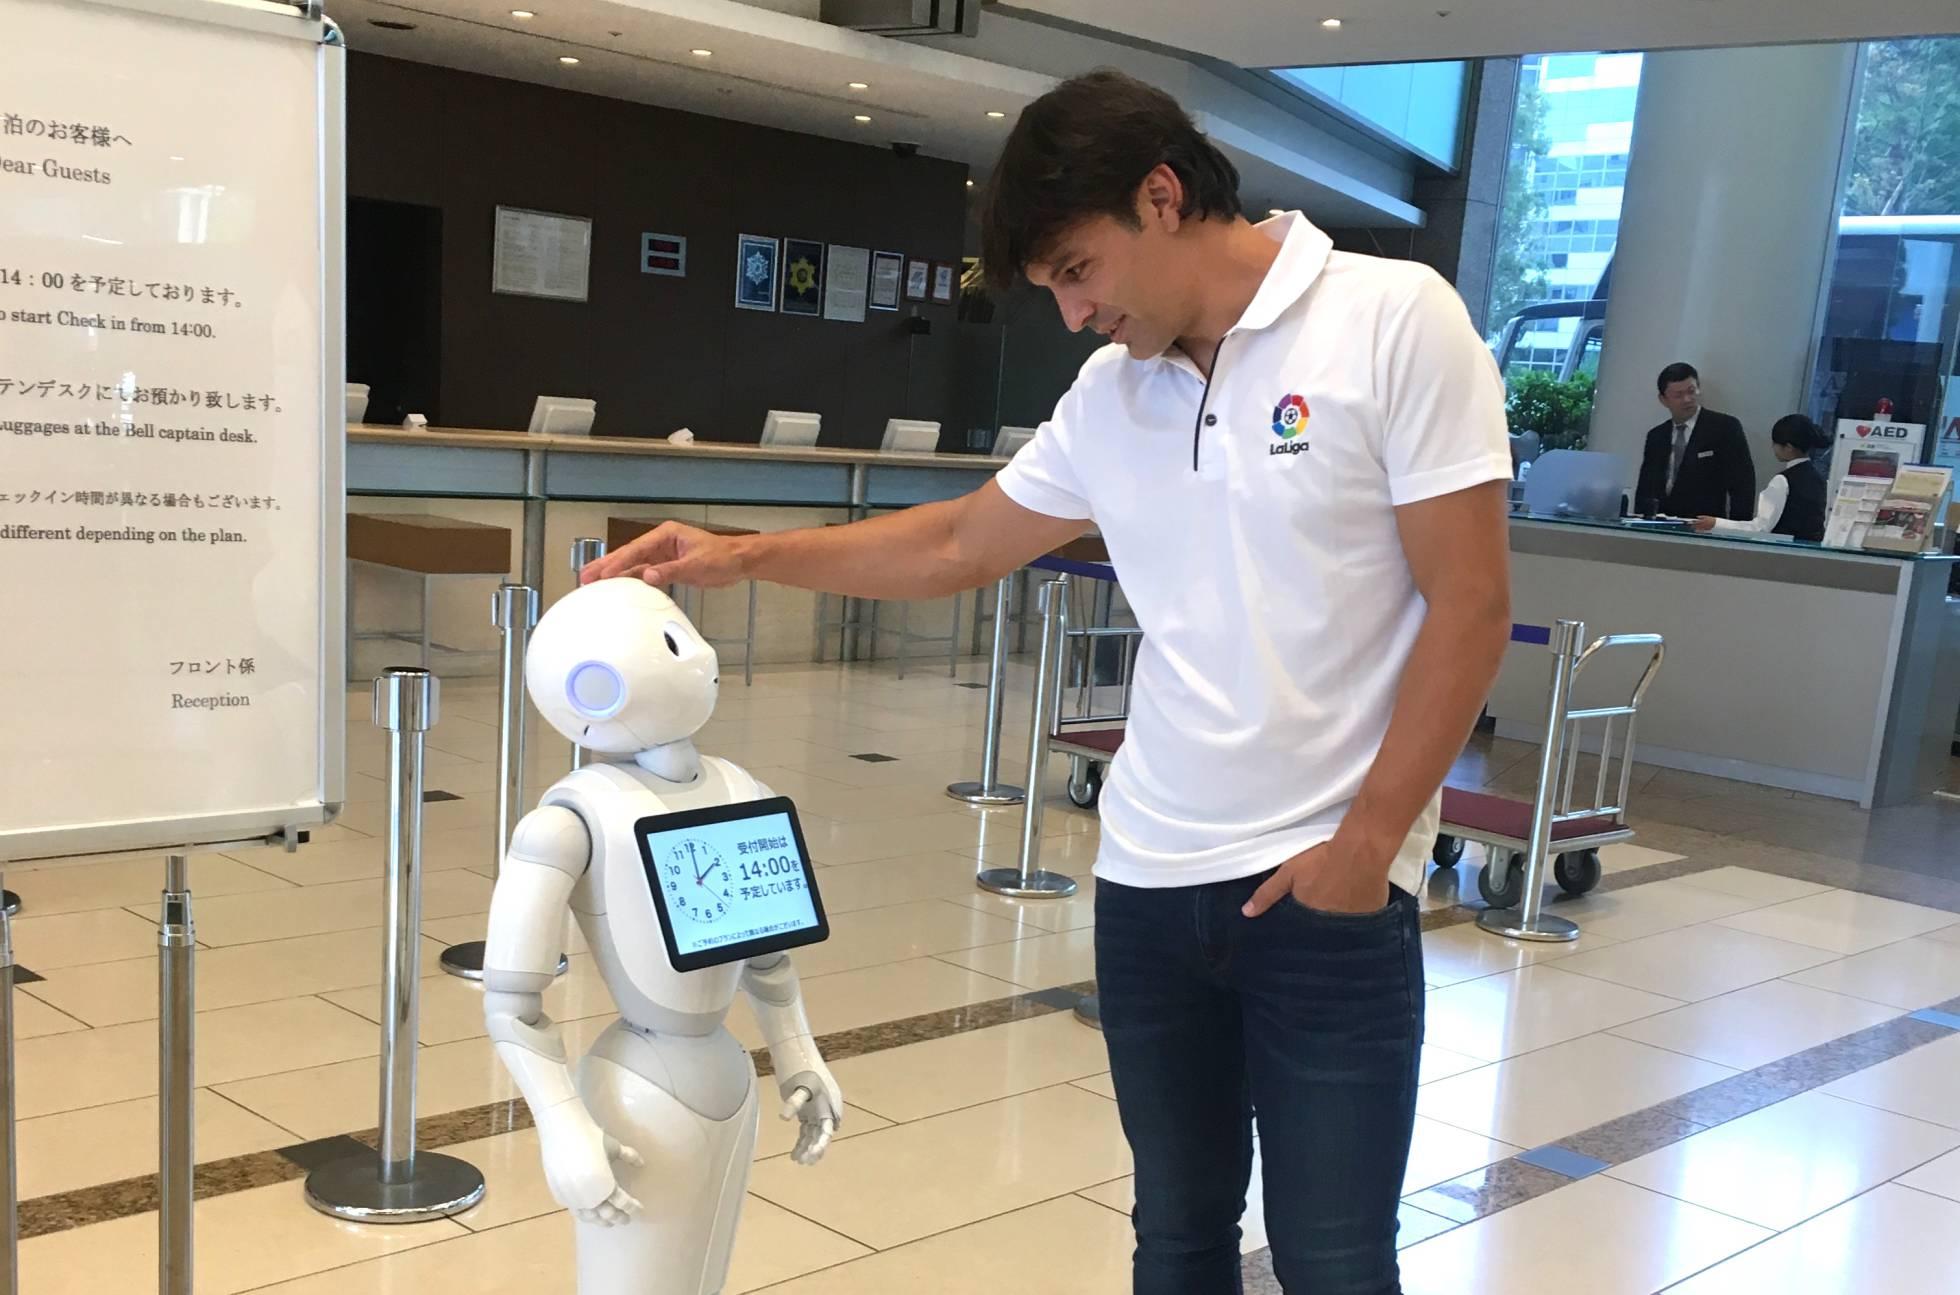 Un ejército de robots para vencer el miedo de los japoneses a hablar inglés